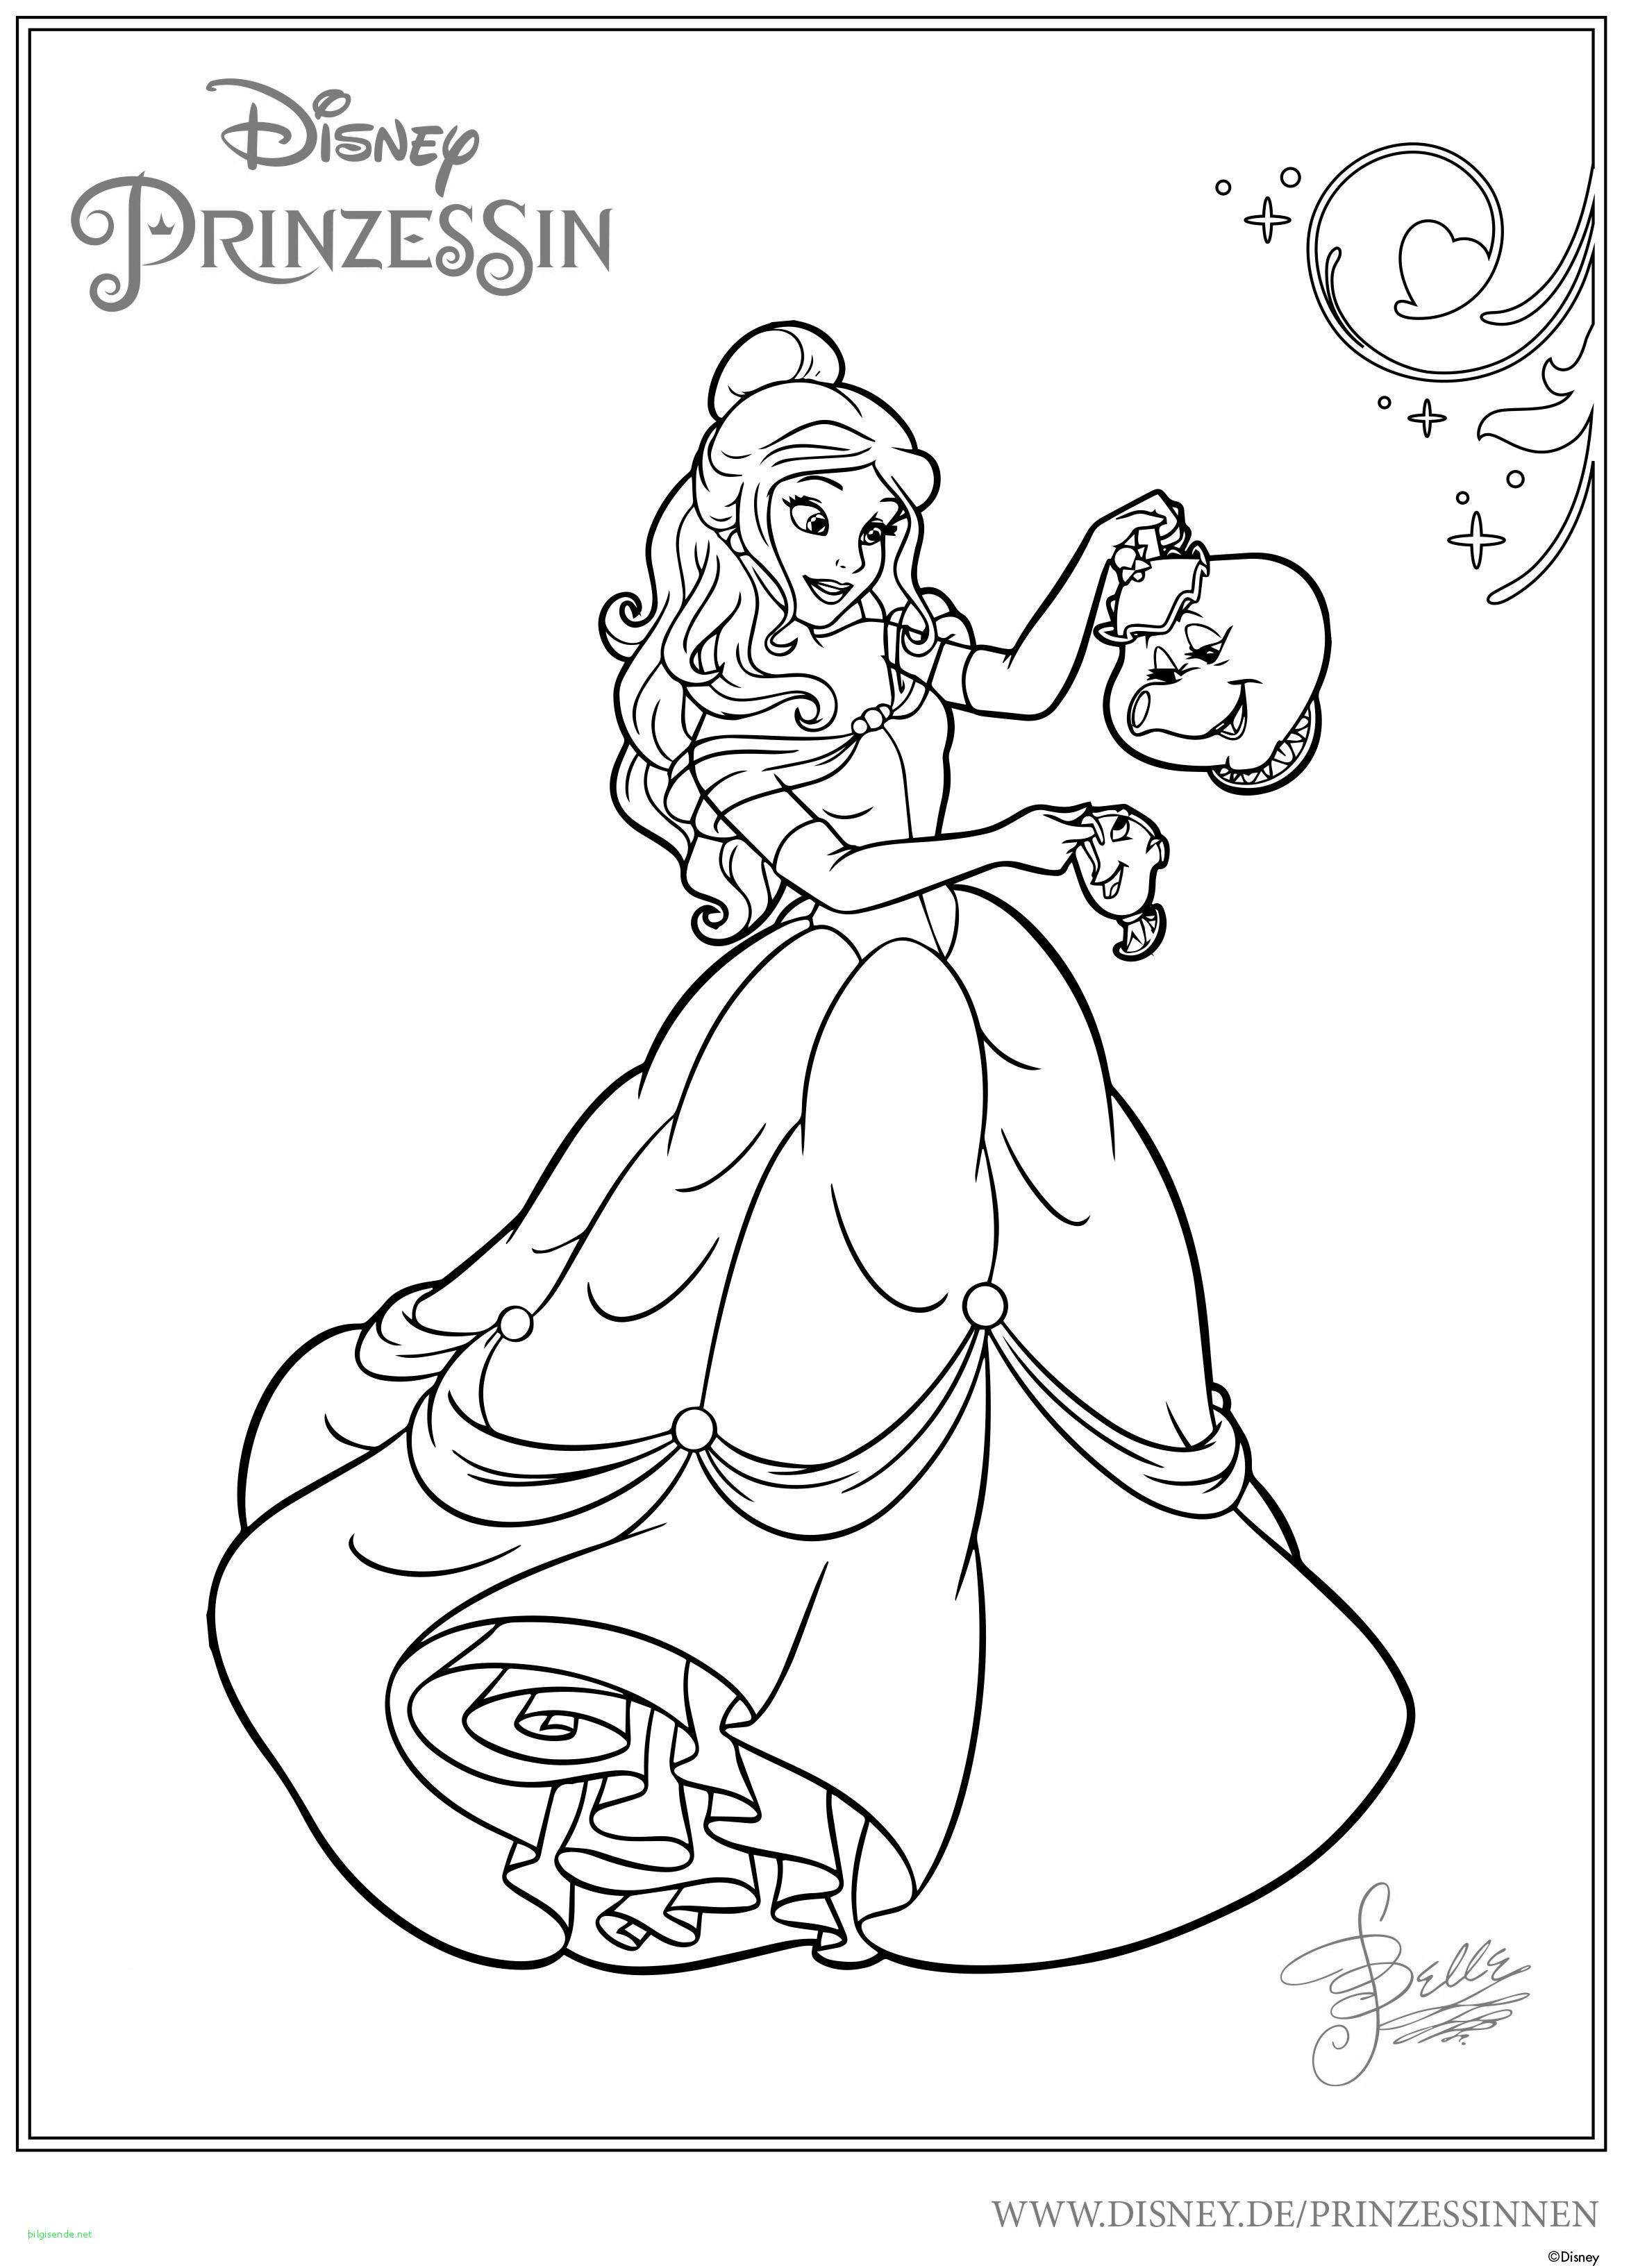 Disney Bilder Zum Ausmalen Inspirierend Malvorlagen Gratis Prinzessin Disney Genial Disney Ausmalbilder Zum Das Bild